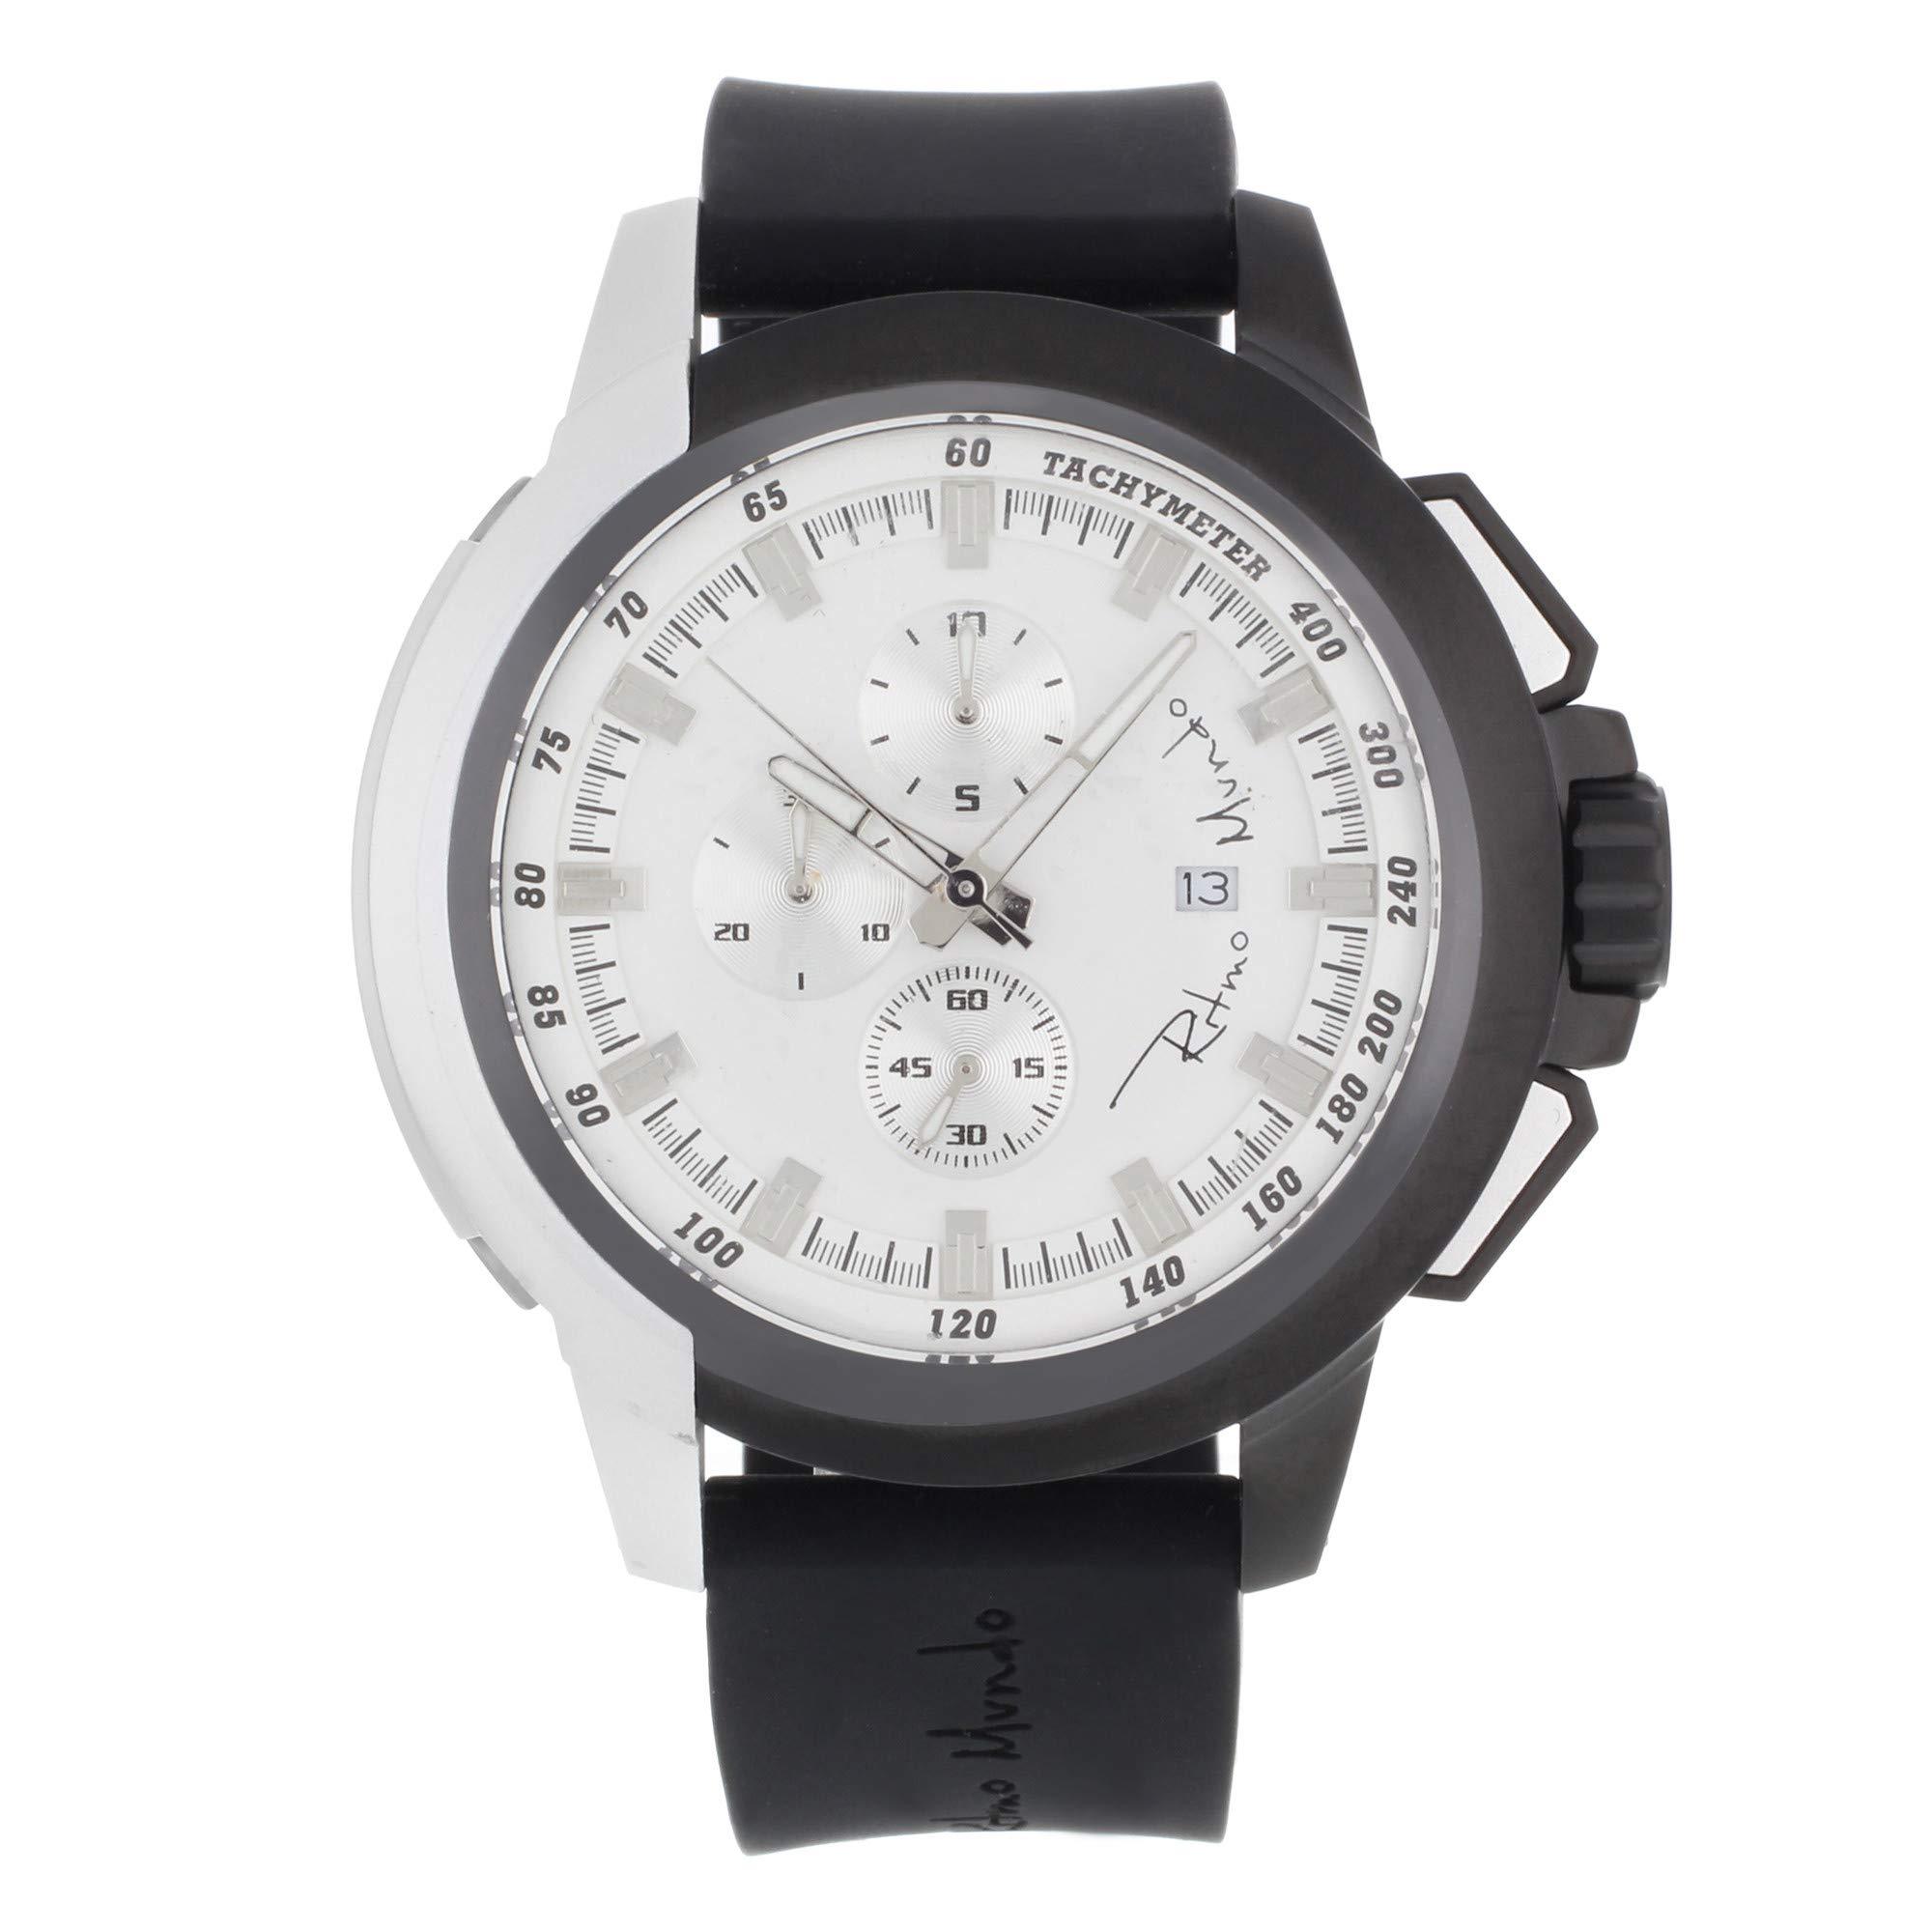 Ritmo Mundo Quantum II Quartz Male Watch 1101 (Certified Pre-Owned)